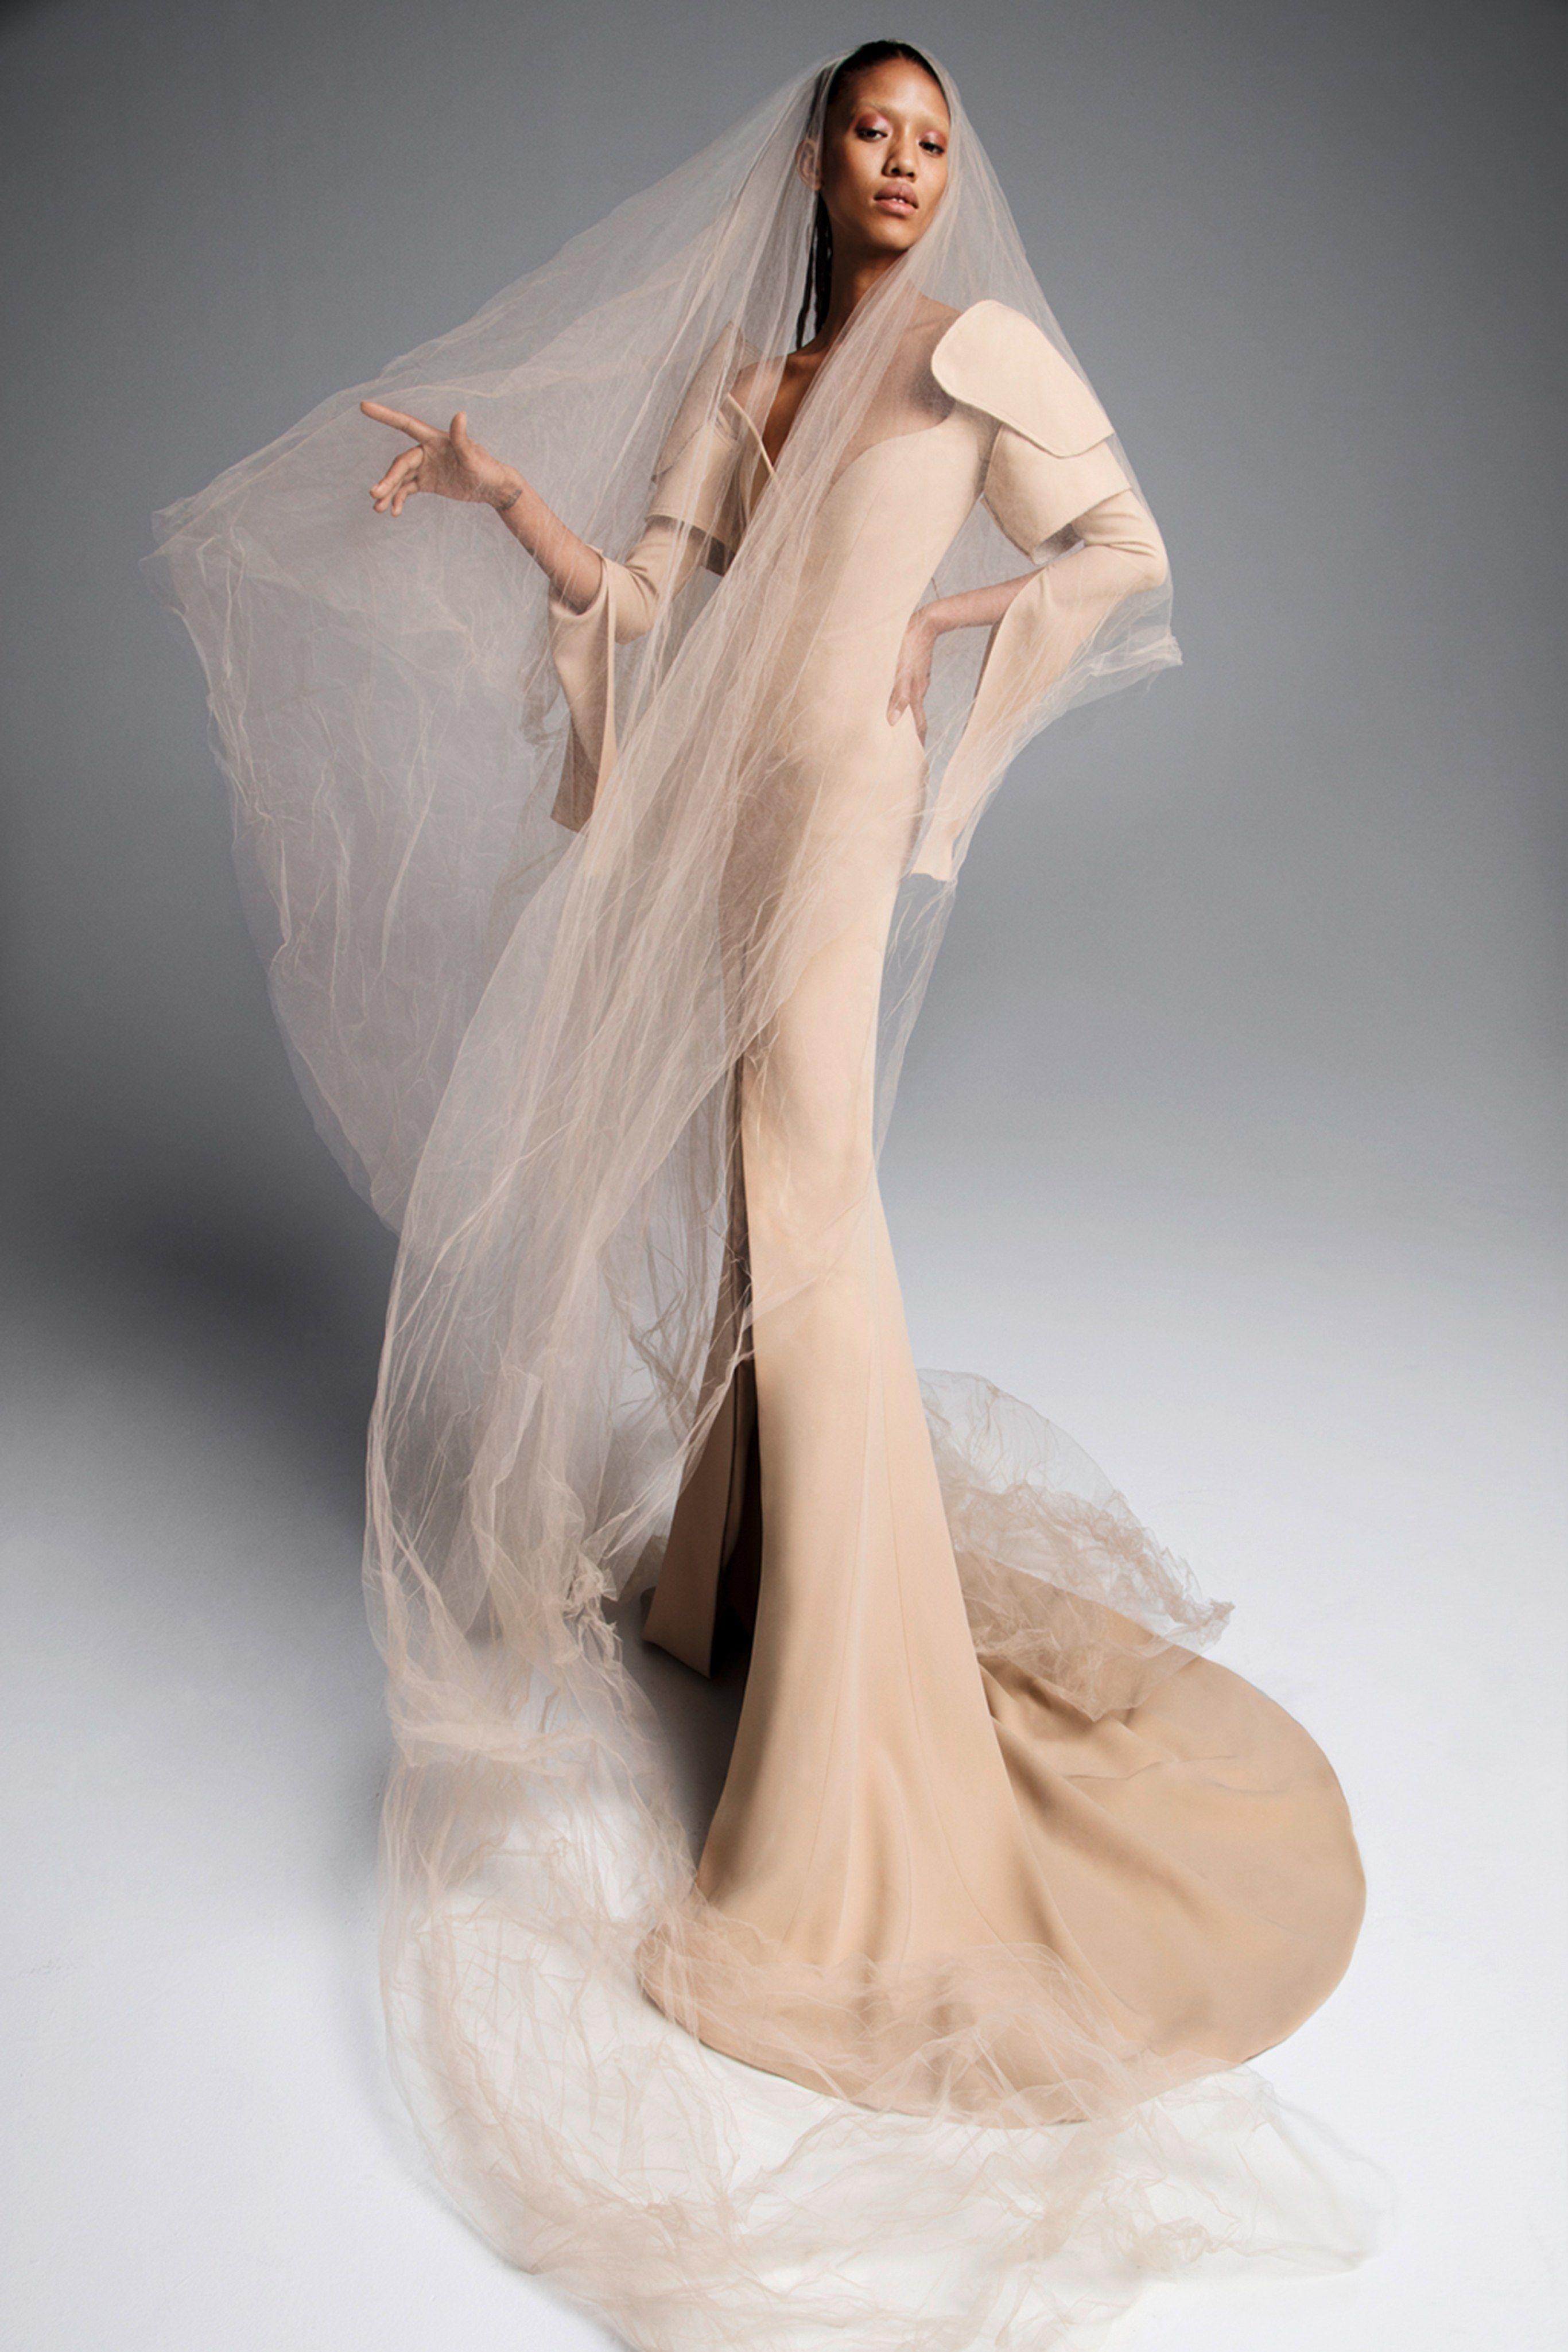 Vera Wang 2019 gelinlik modası (1)